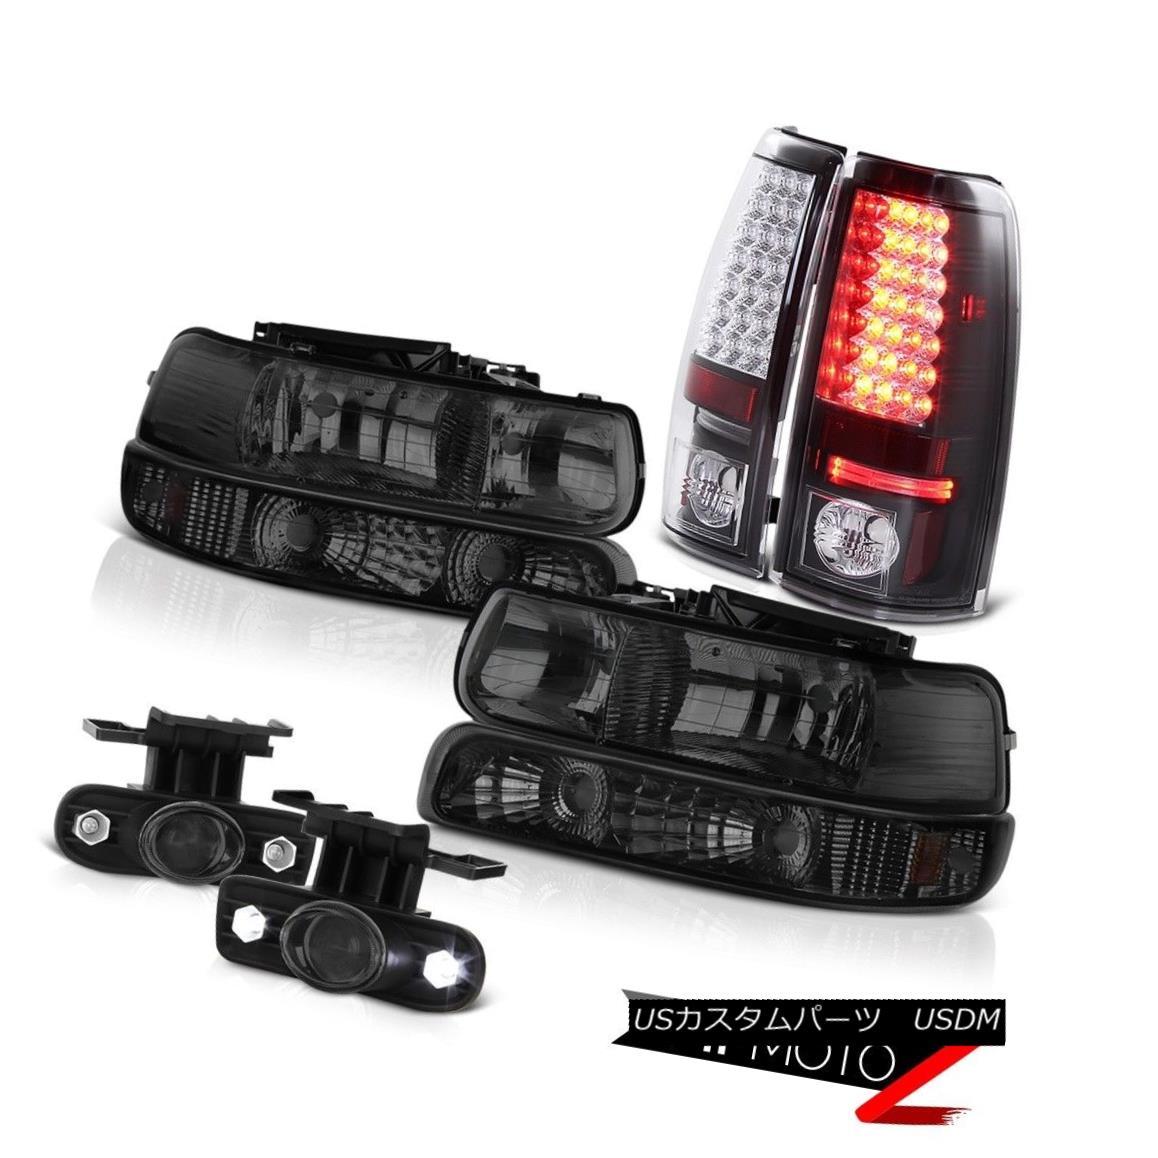 ヘッドライト 99-2002 Chevrolet Silverado 2500 Head Lights Tail Light Projector LED DRL Fog 99-2002シボレーシルバラード2500ヘッドライトテールライトプロジェクターLED DRLフォグ